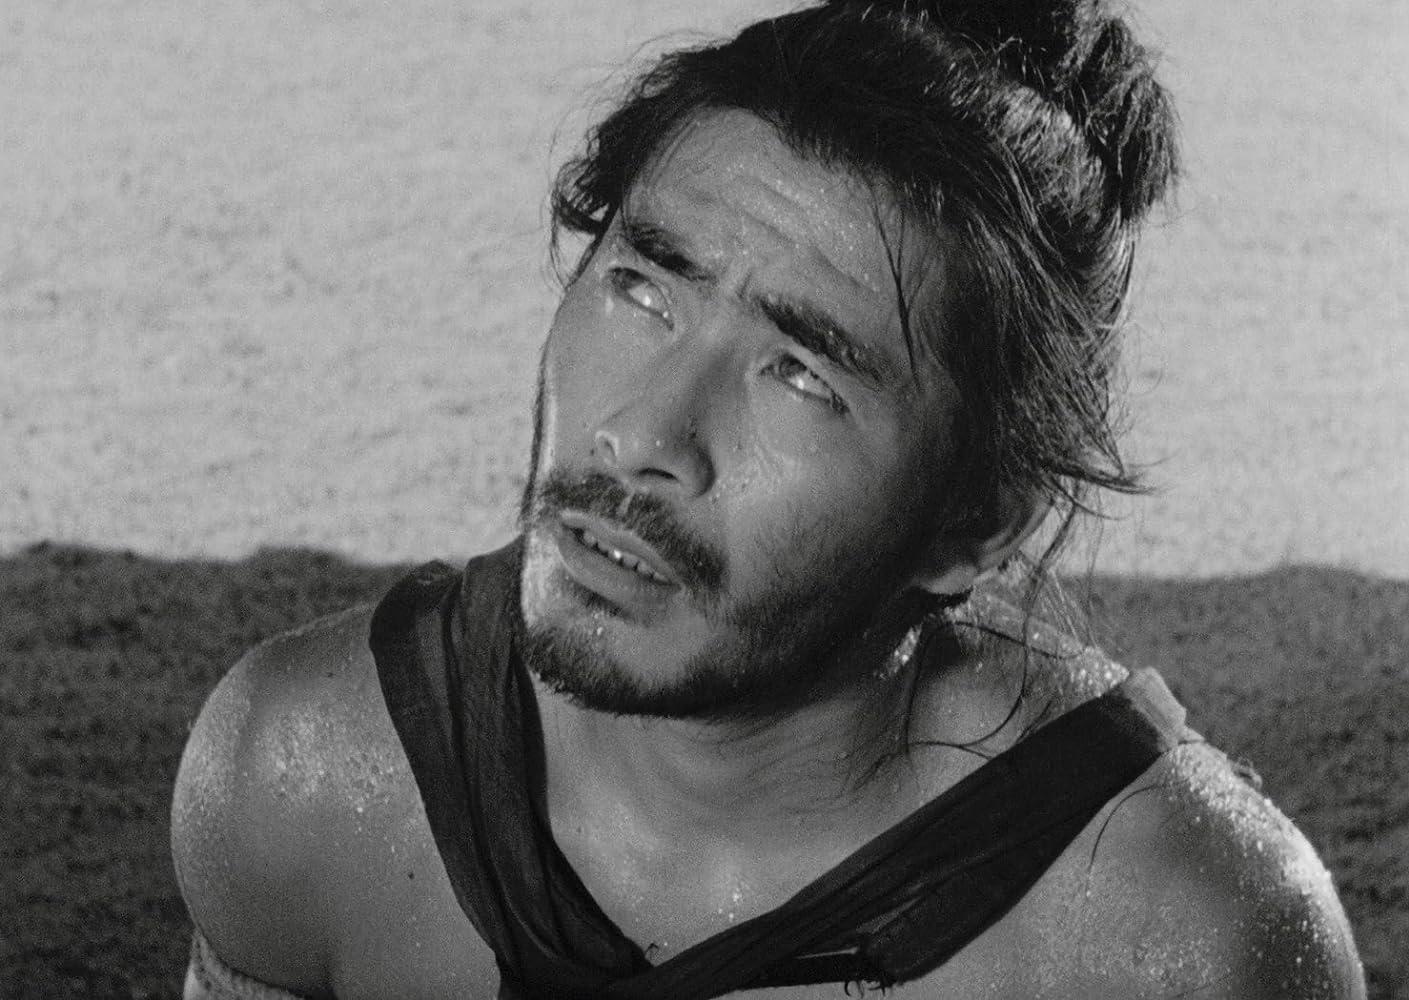 Toshirô Mifune in Rashômon (1950)